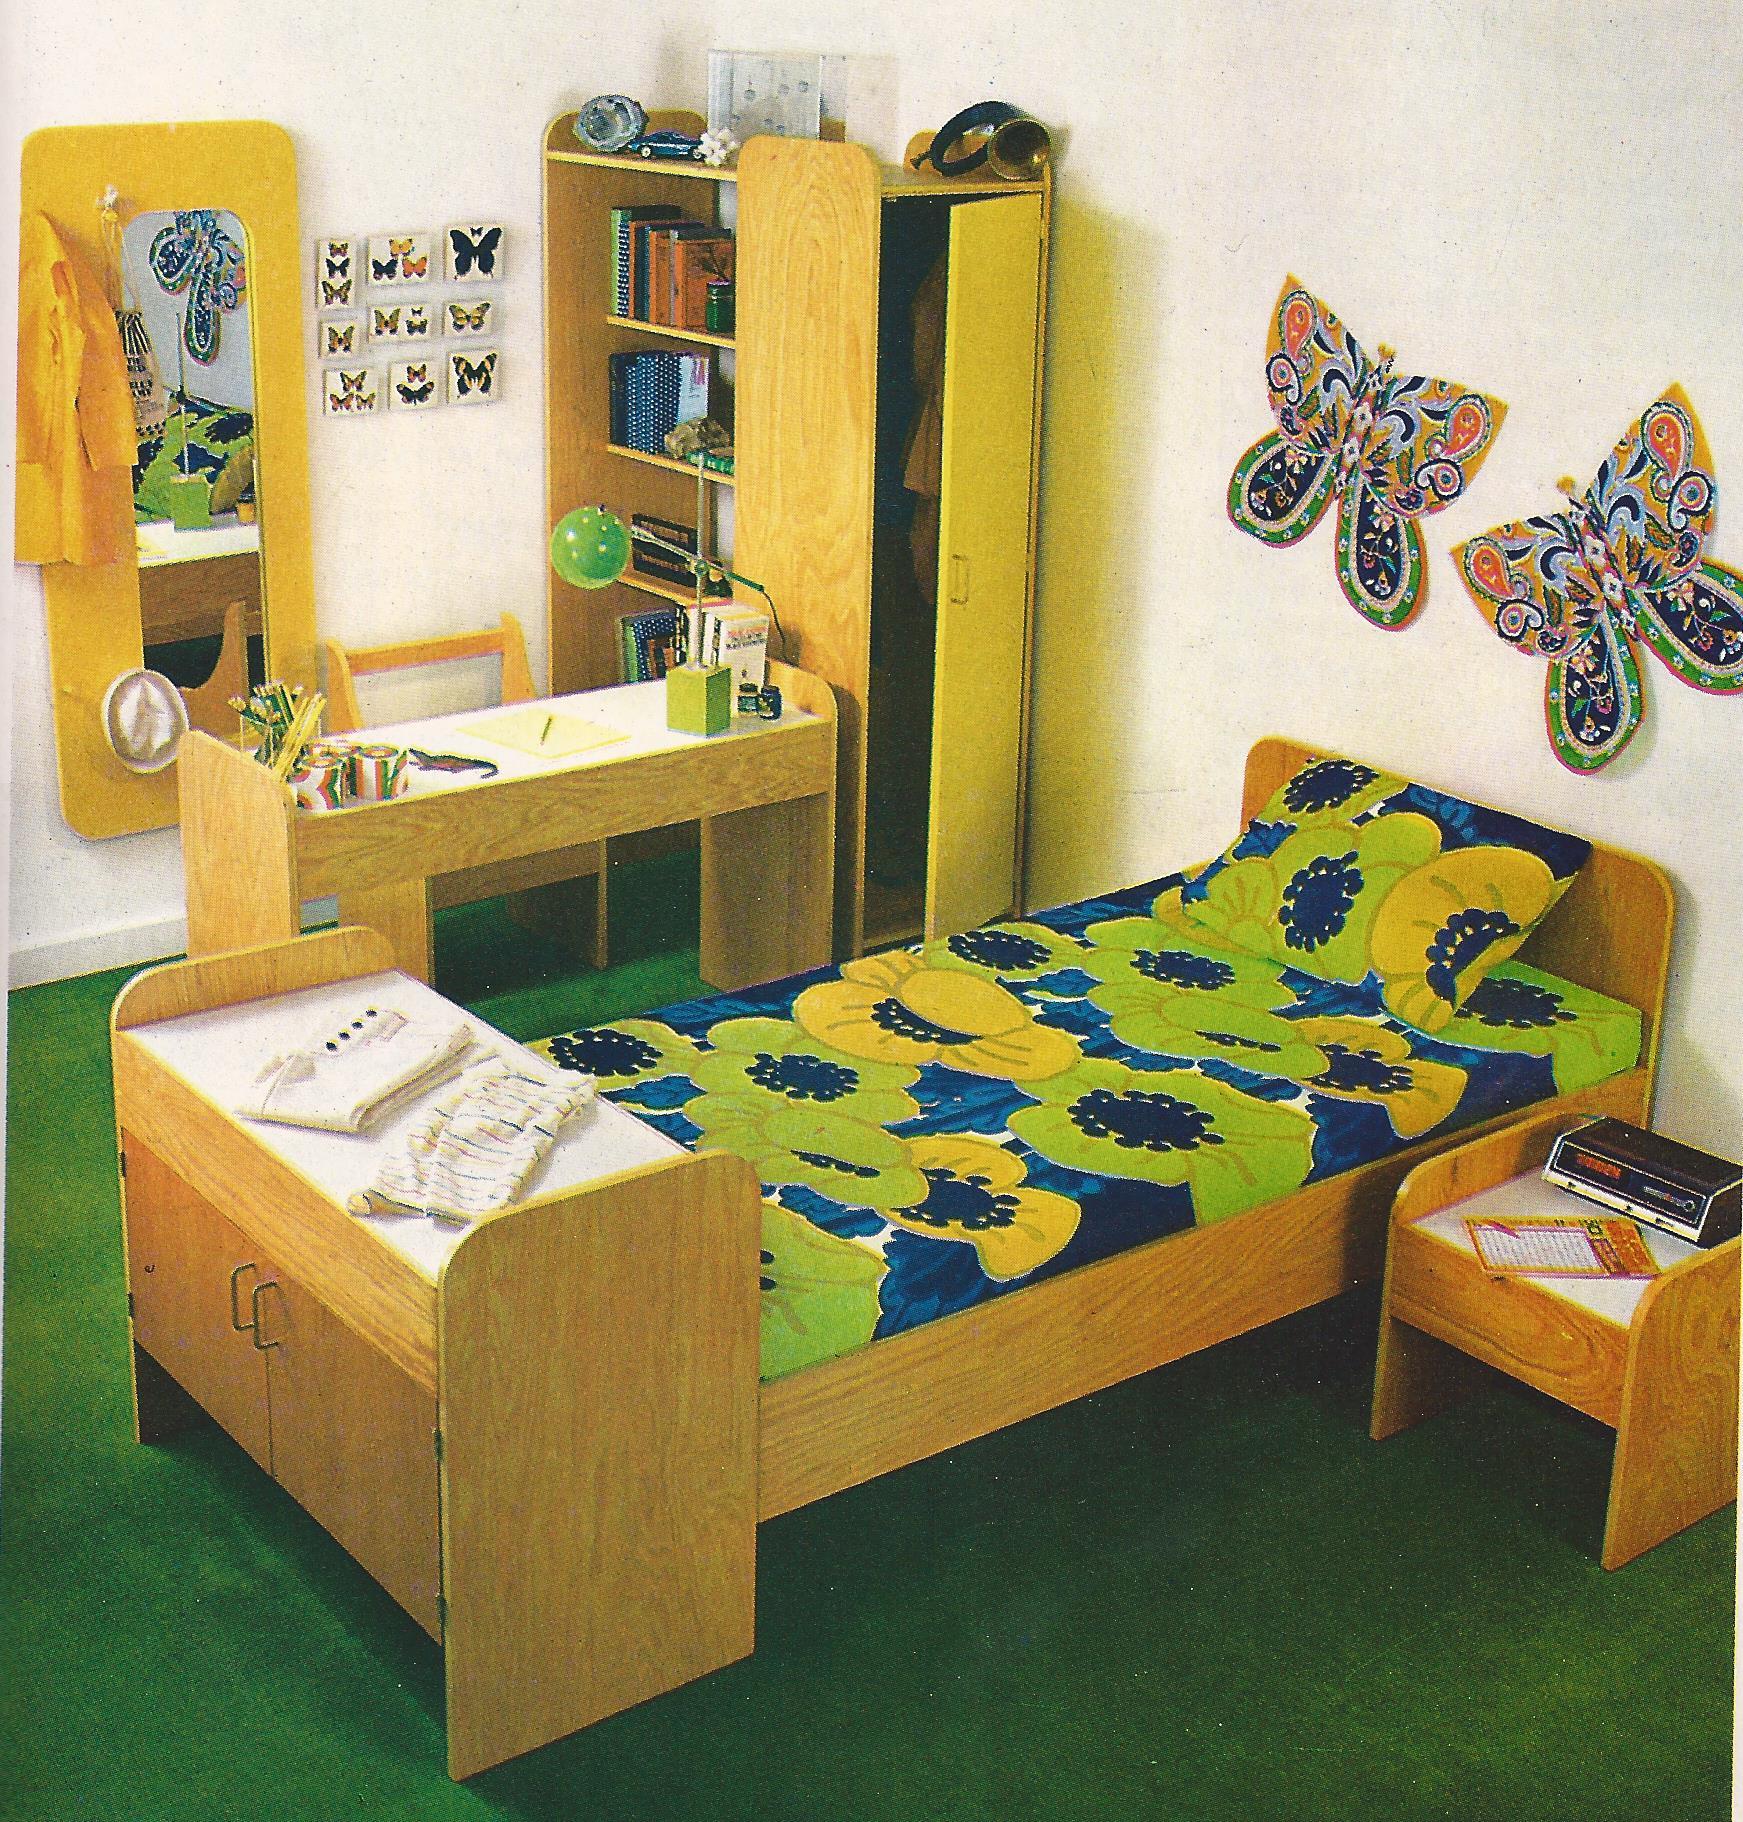 childs bedroom set